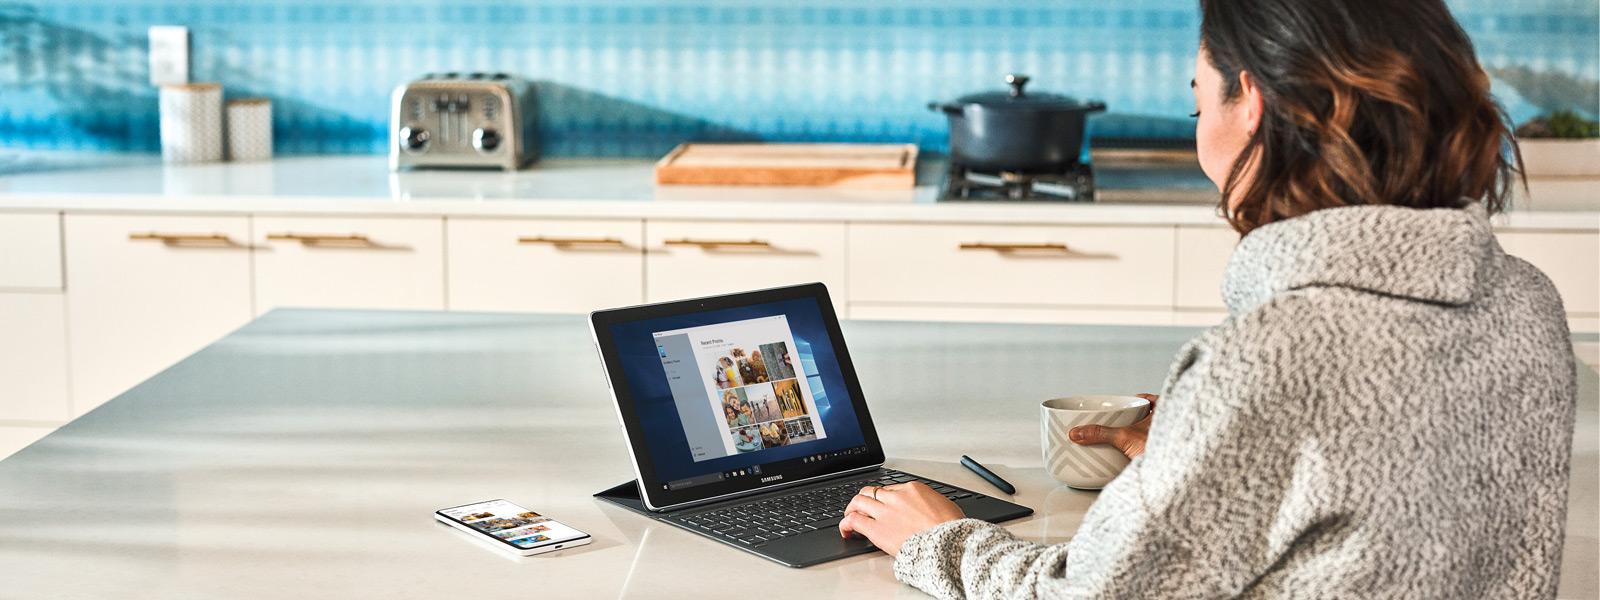 Femme assise à un comptoir dans une cuisine et qui utilise un ordinateur portable Windows10 avec son téléphone portable